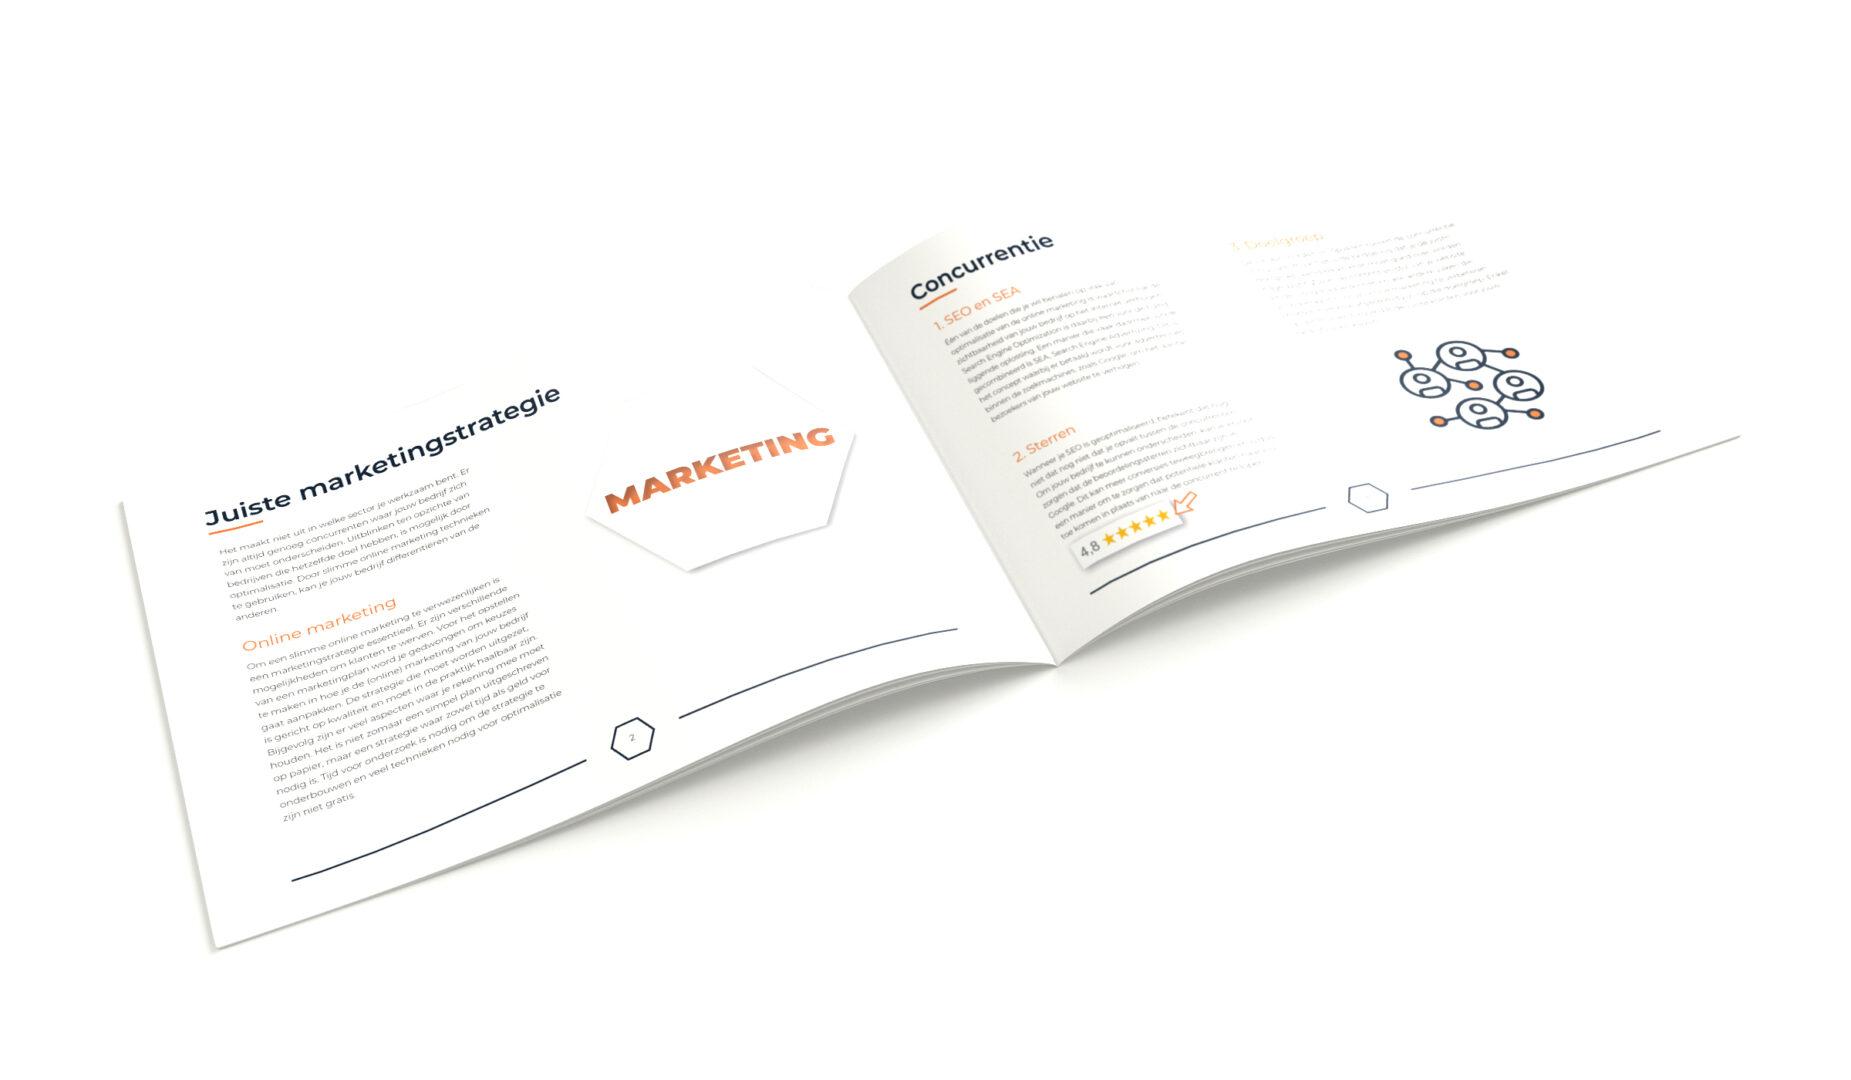 whitepaper online marketing